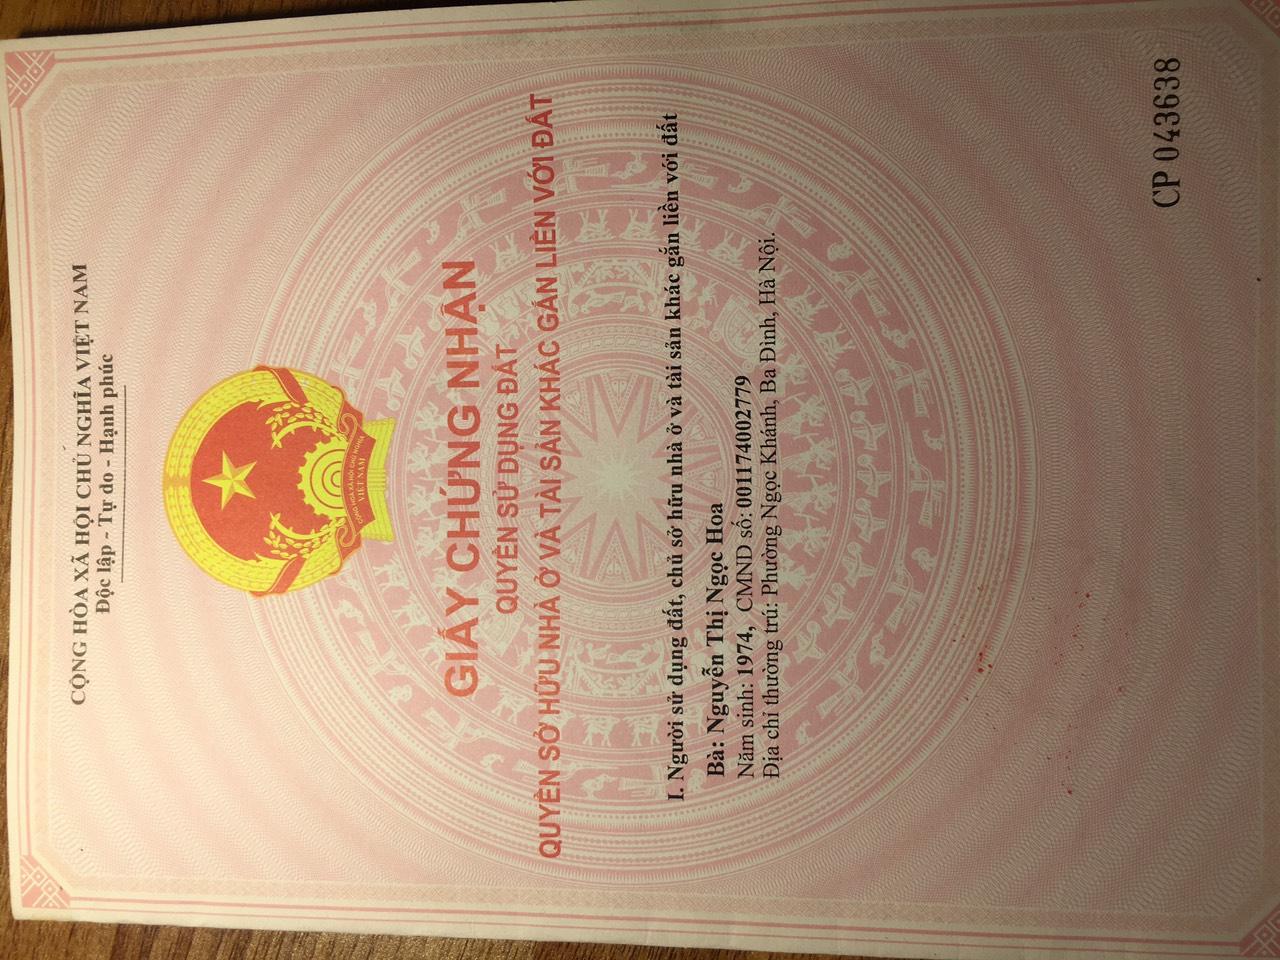 Bán đất bìa làng Thố Bảo- Vân Nội-Đông Anh, giá đầu tư cực tốt